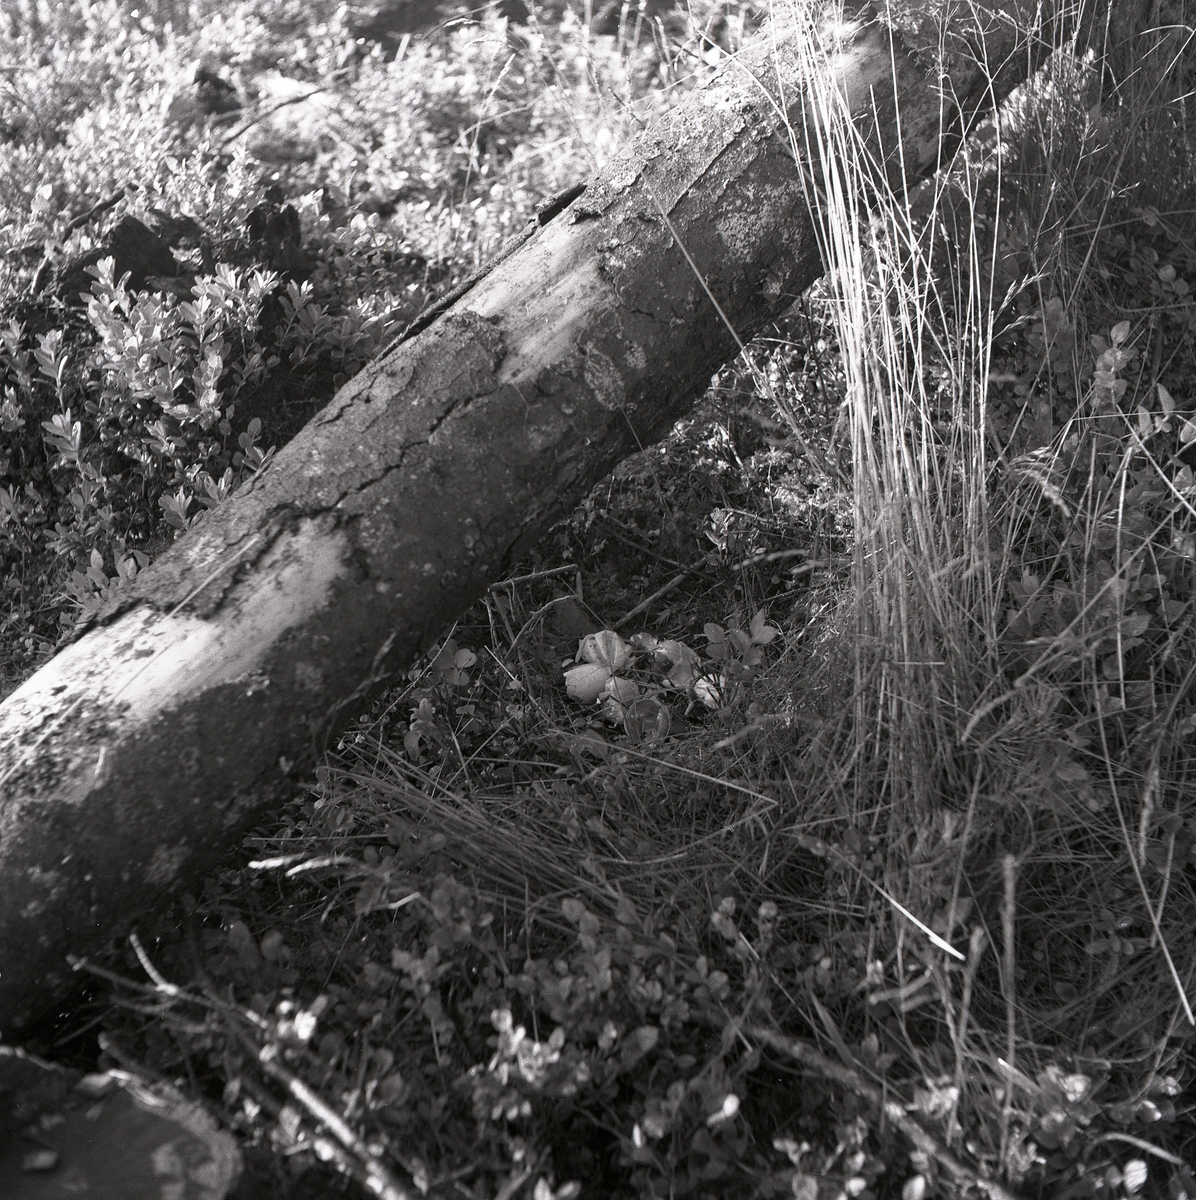 Nedfallen trädstam som ligger vid ett tjäderbo med ägg i skogen, Sunnanhed 29 juni 1954.